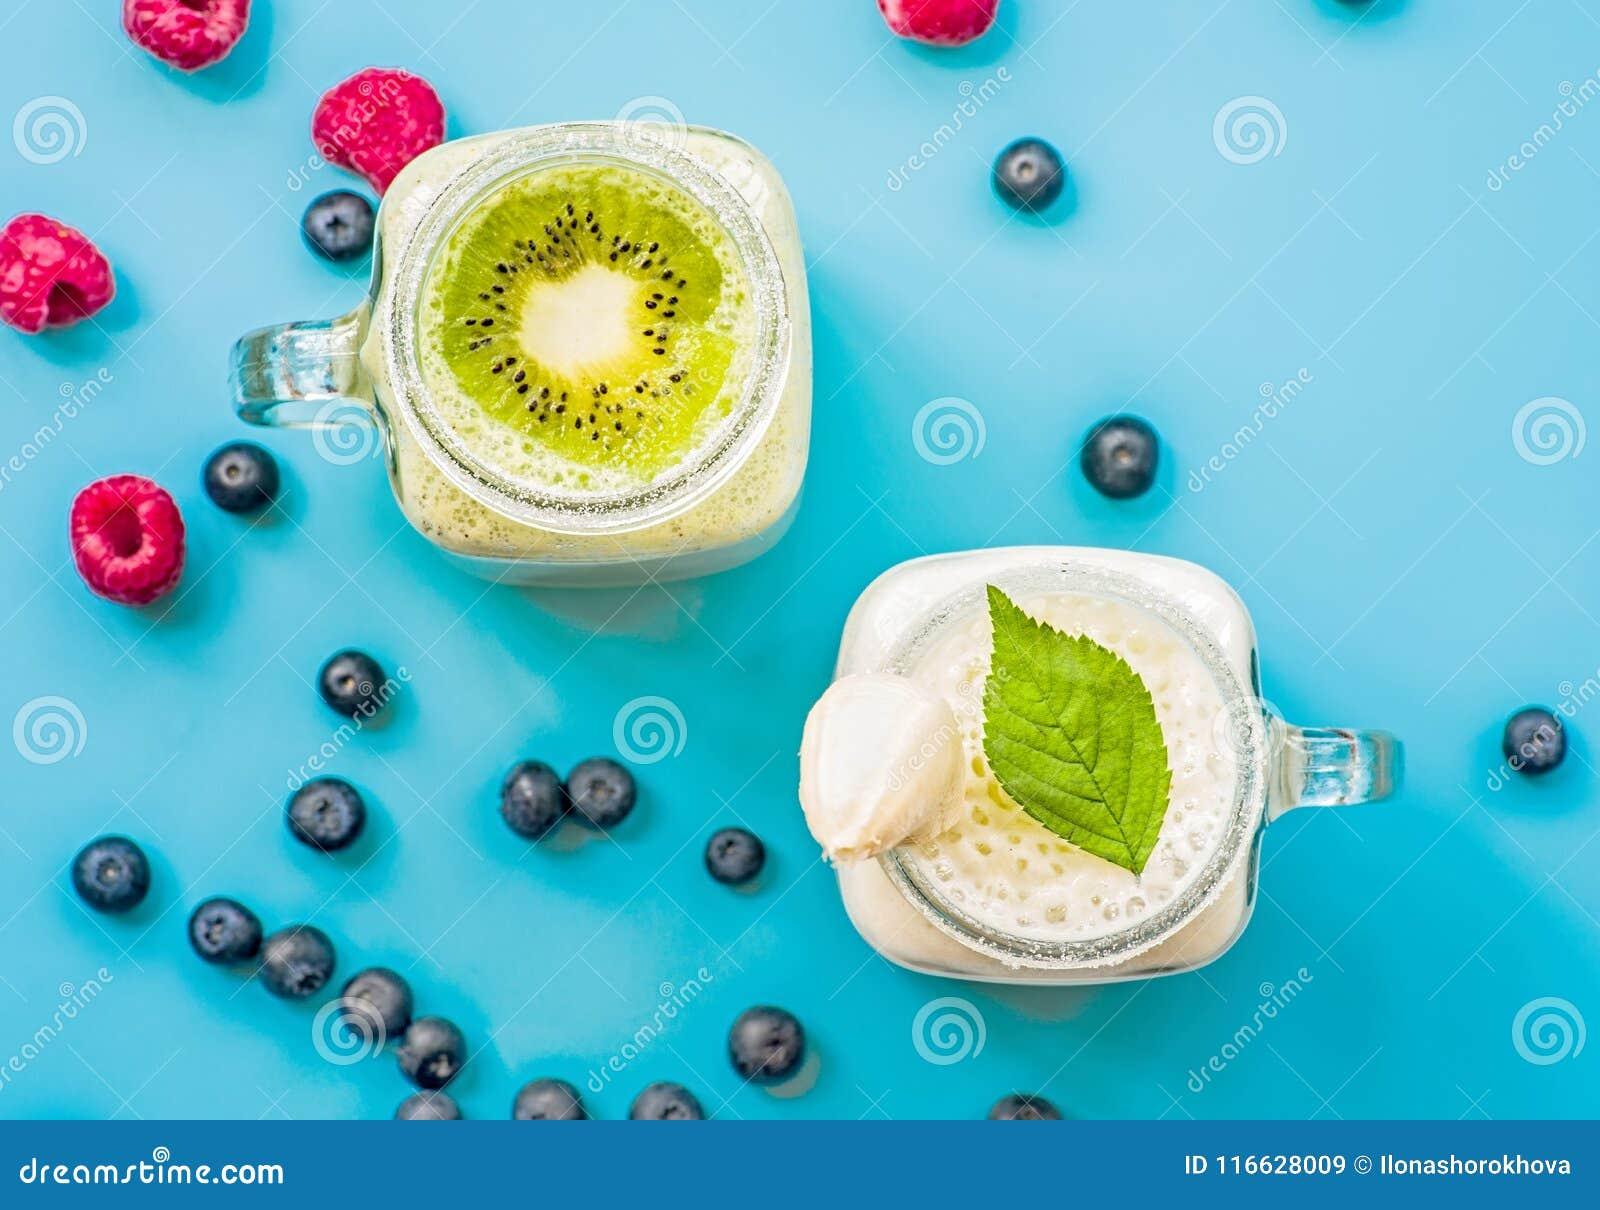 Μπανάνα δύο και ακτινίδιο milkshakes στα βάζα κτιστών με creme στην κορυφή που διακοσμείται με τα σμέουρα και τα βακκίνια επίπεδο